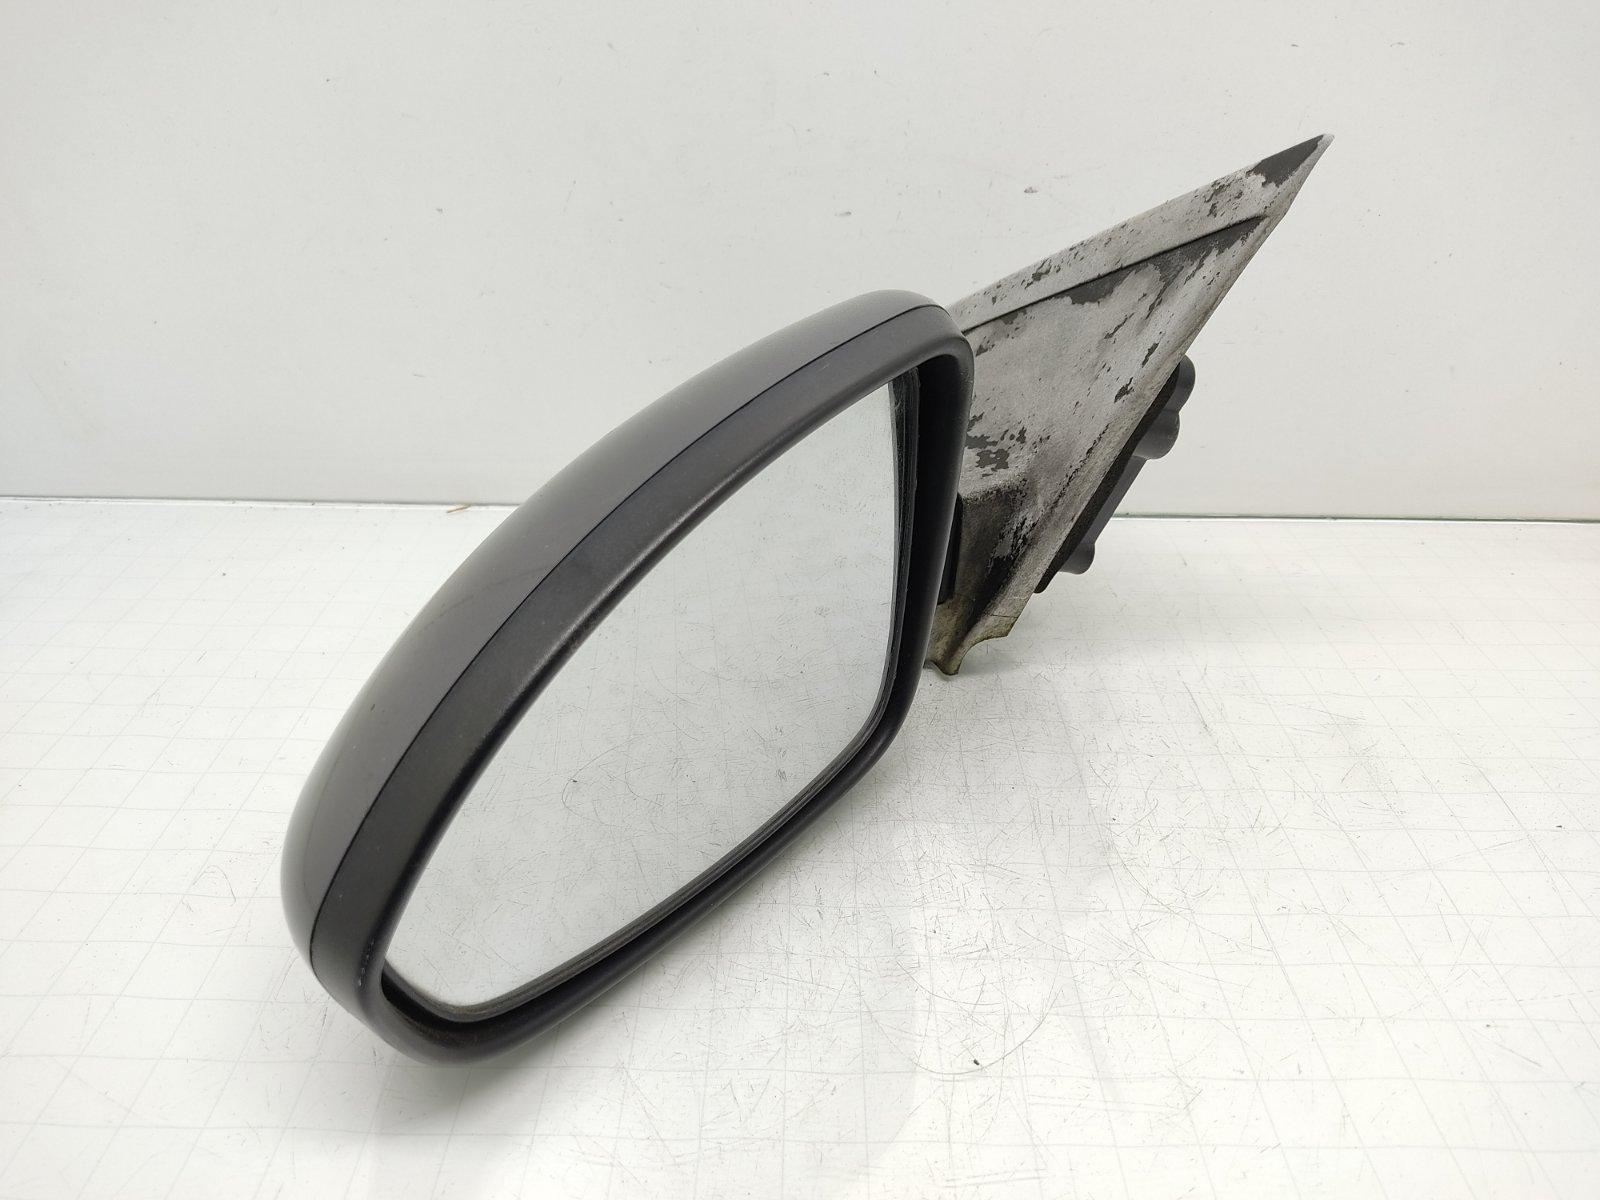 Зеркало наружное левое Chevrolet Cruze 1.6 I 2011 (б/у)